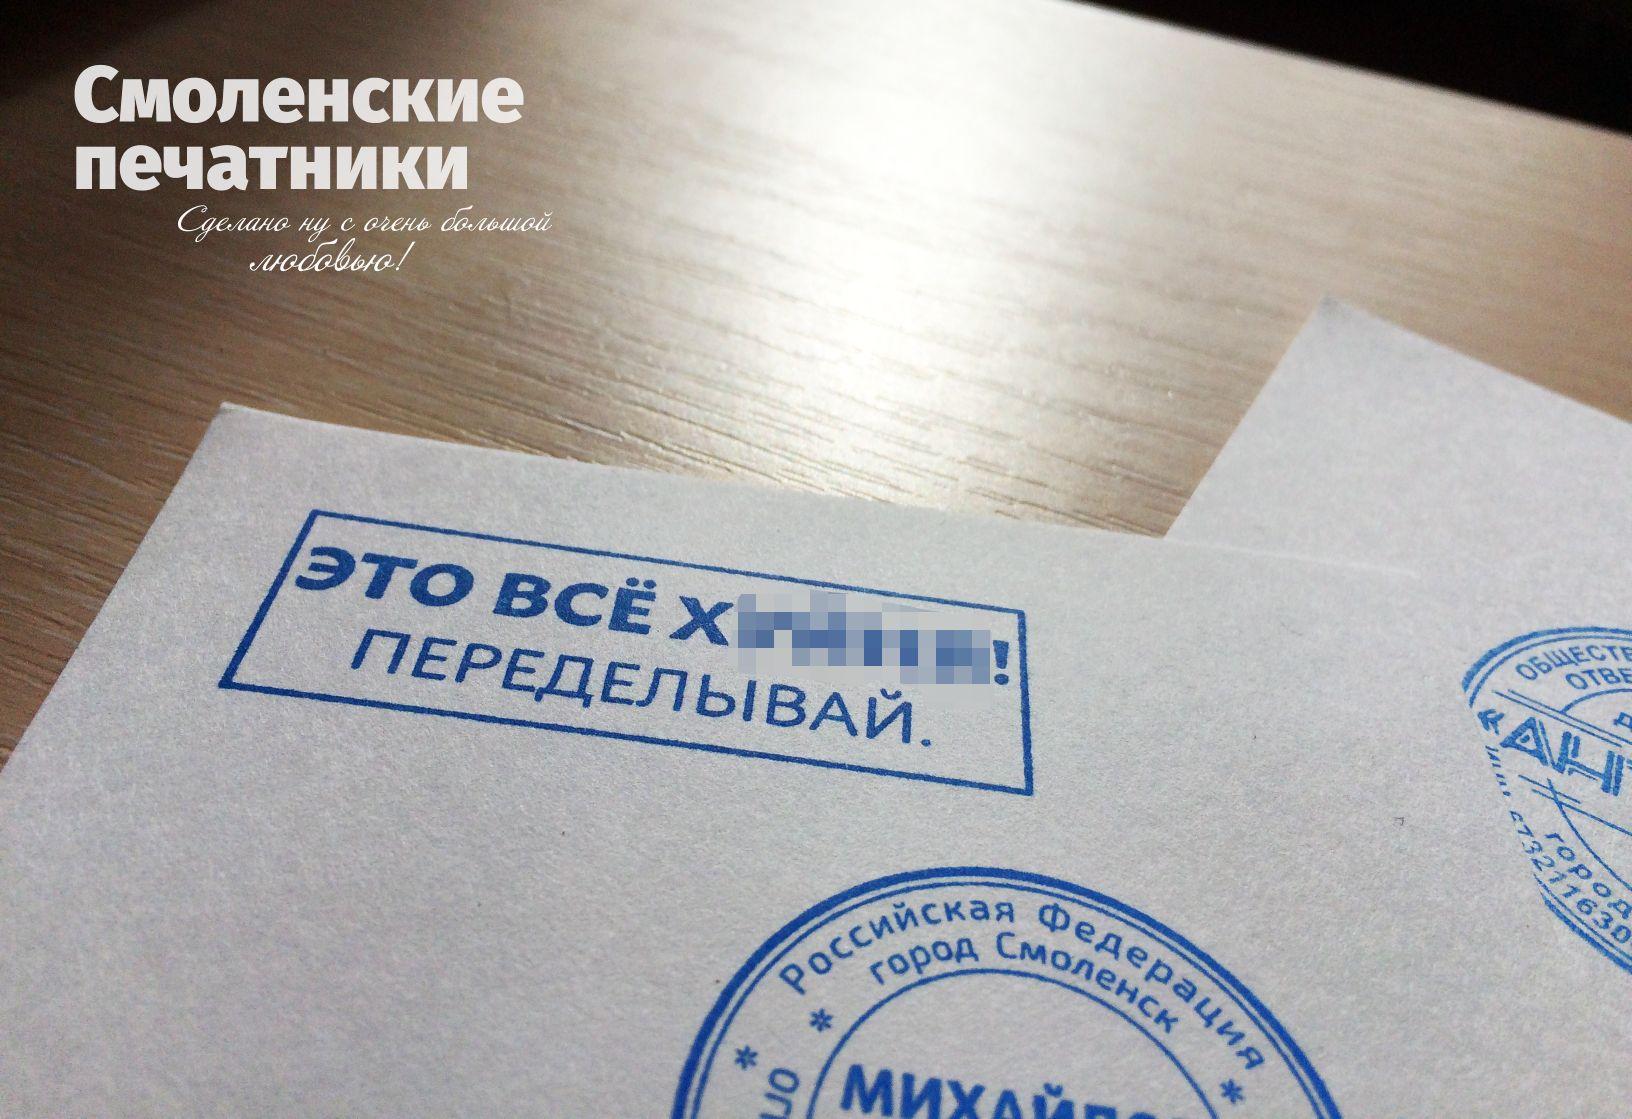 Блог Смоленских печатников